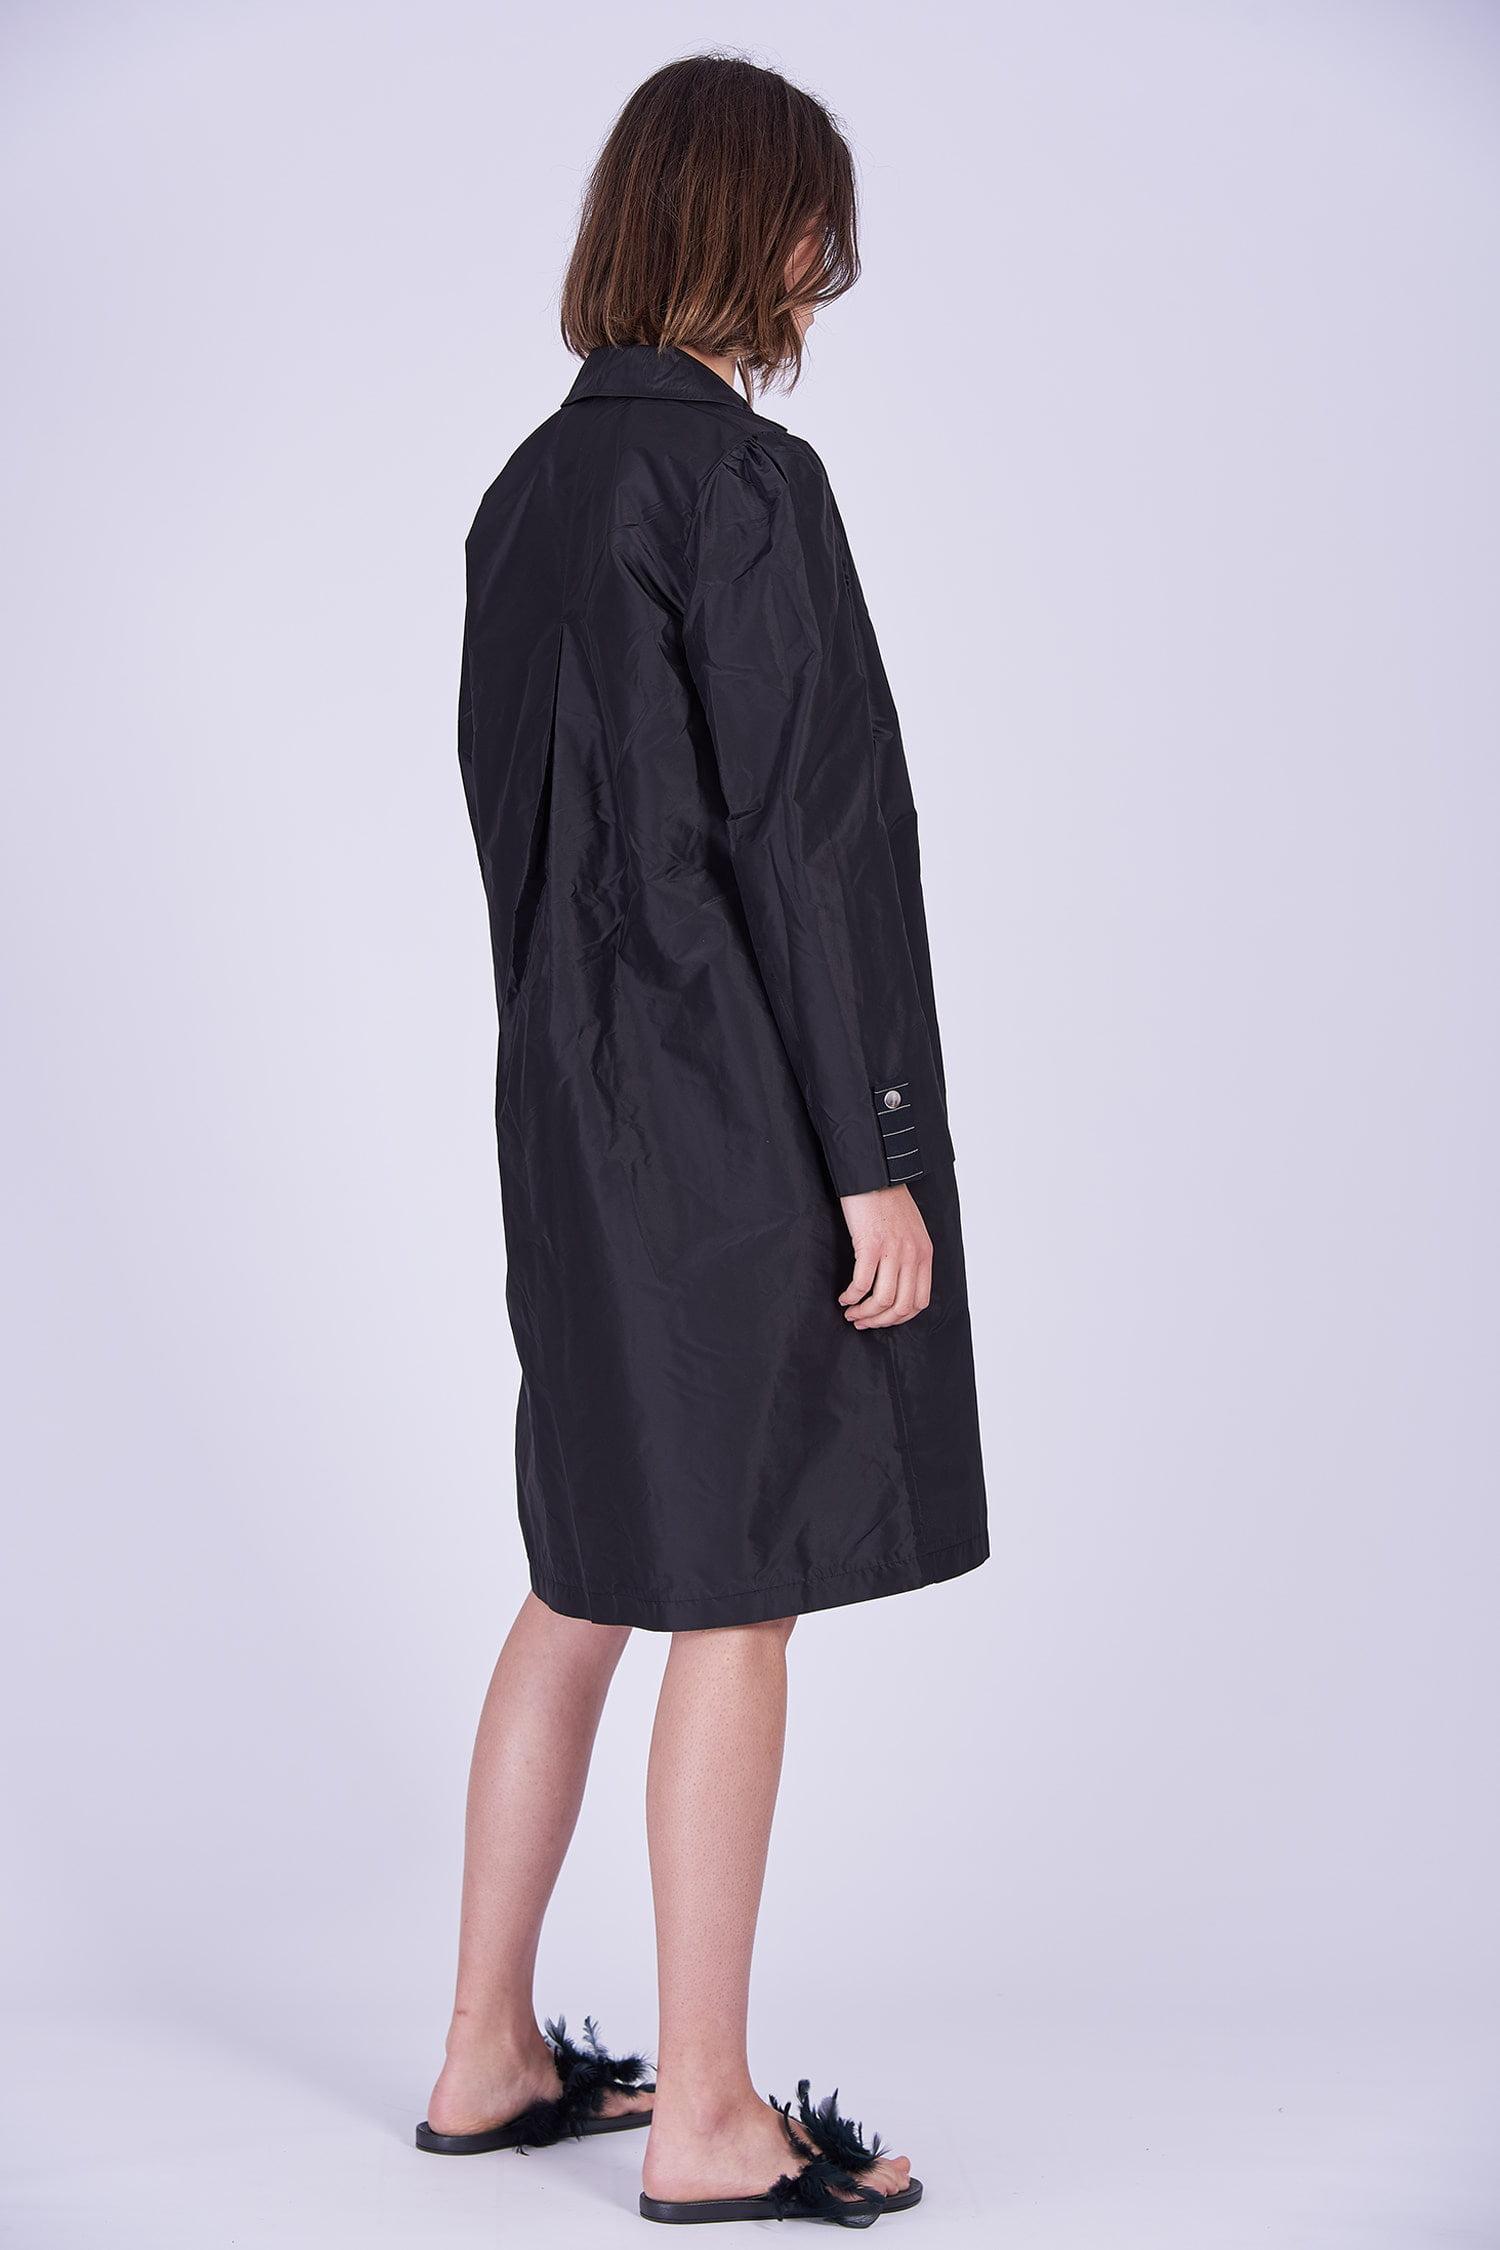 Acephala Ps2020 Black Light Coat Czarny Lekki Plaszcz Back